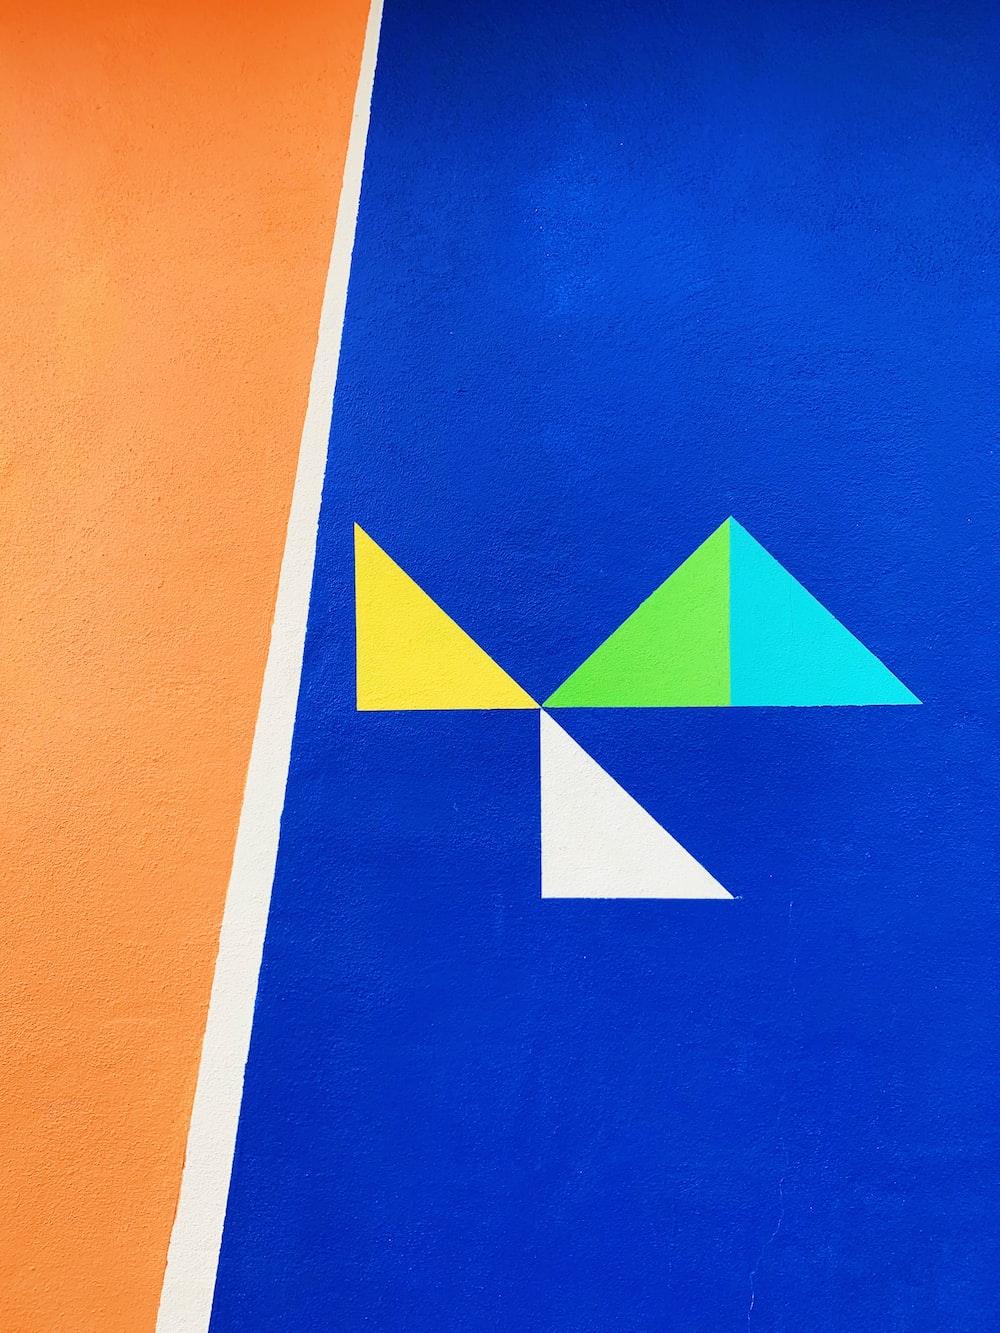 multicolored graphic art